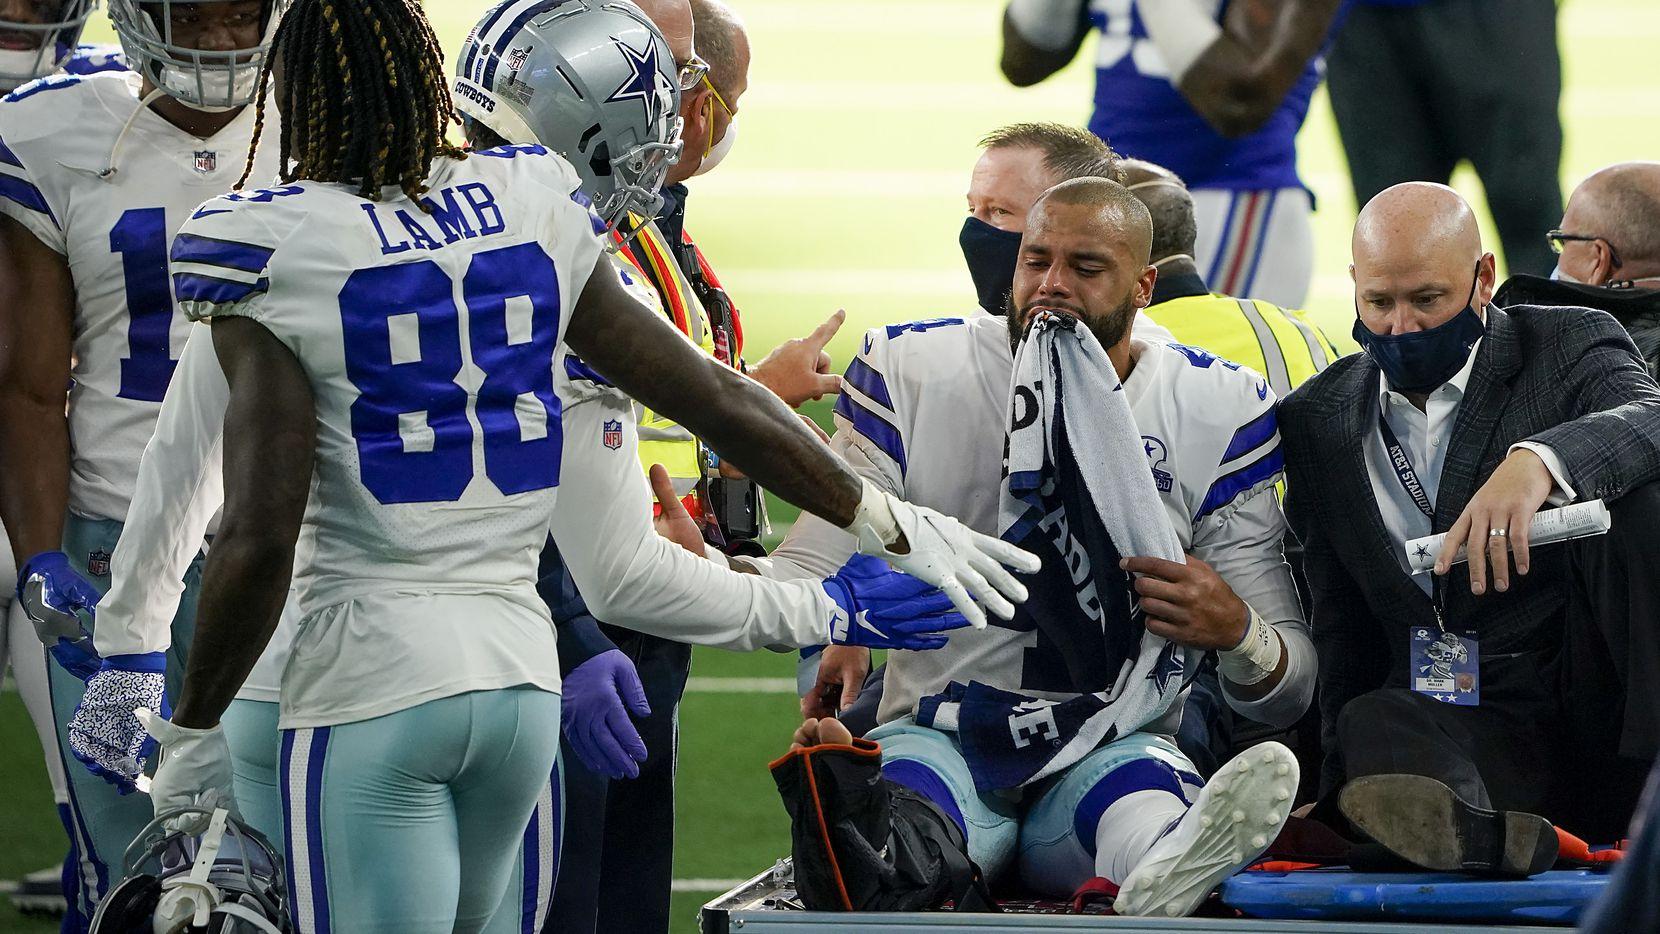 El mariscal de los Cowboys de Dallas, Dak Prescott, sale del campo de juego con evidente dolor en el rostro tras su fractura de tobillo en el juego contra los Giants de Nueva York, el 11 de octubre de 2020 en el AT&T Stadium de Arlington.